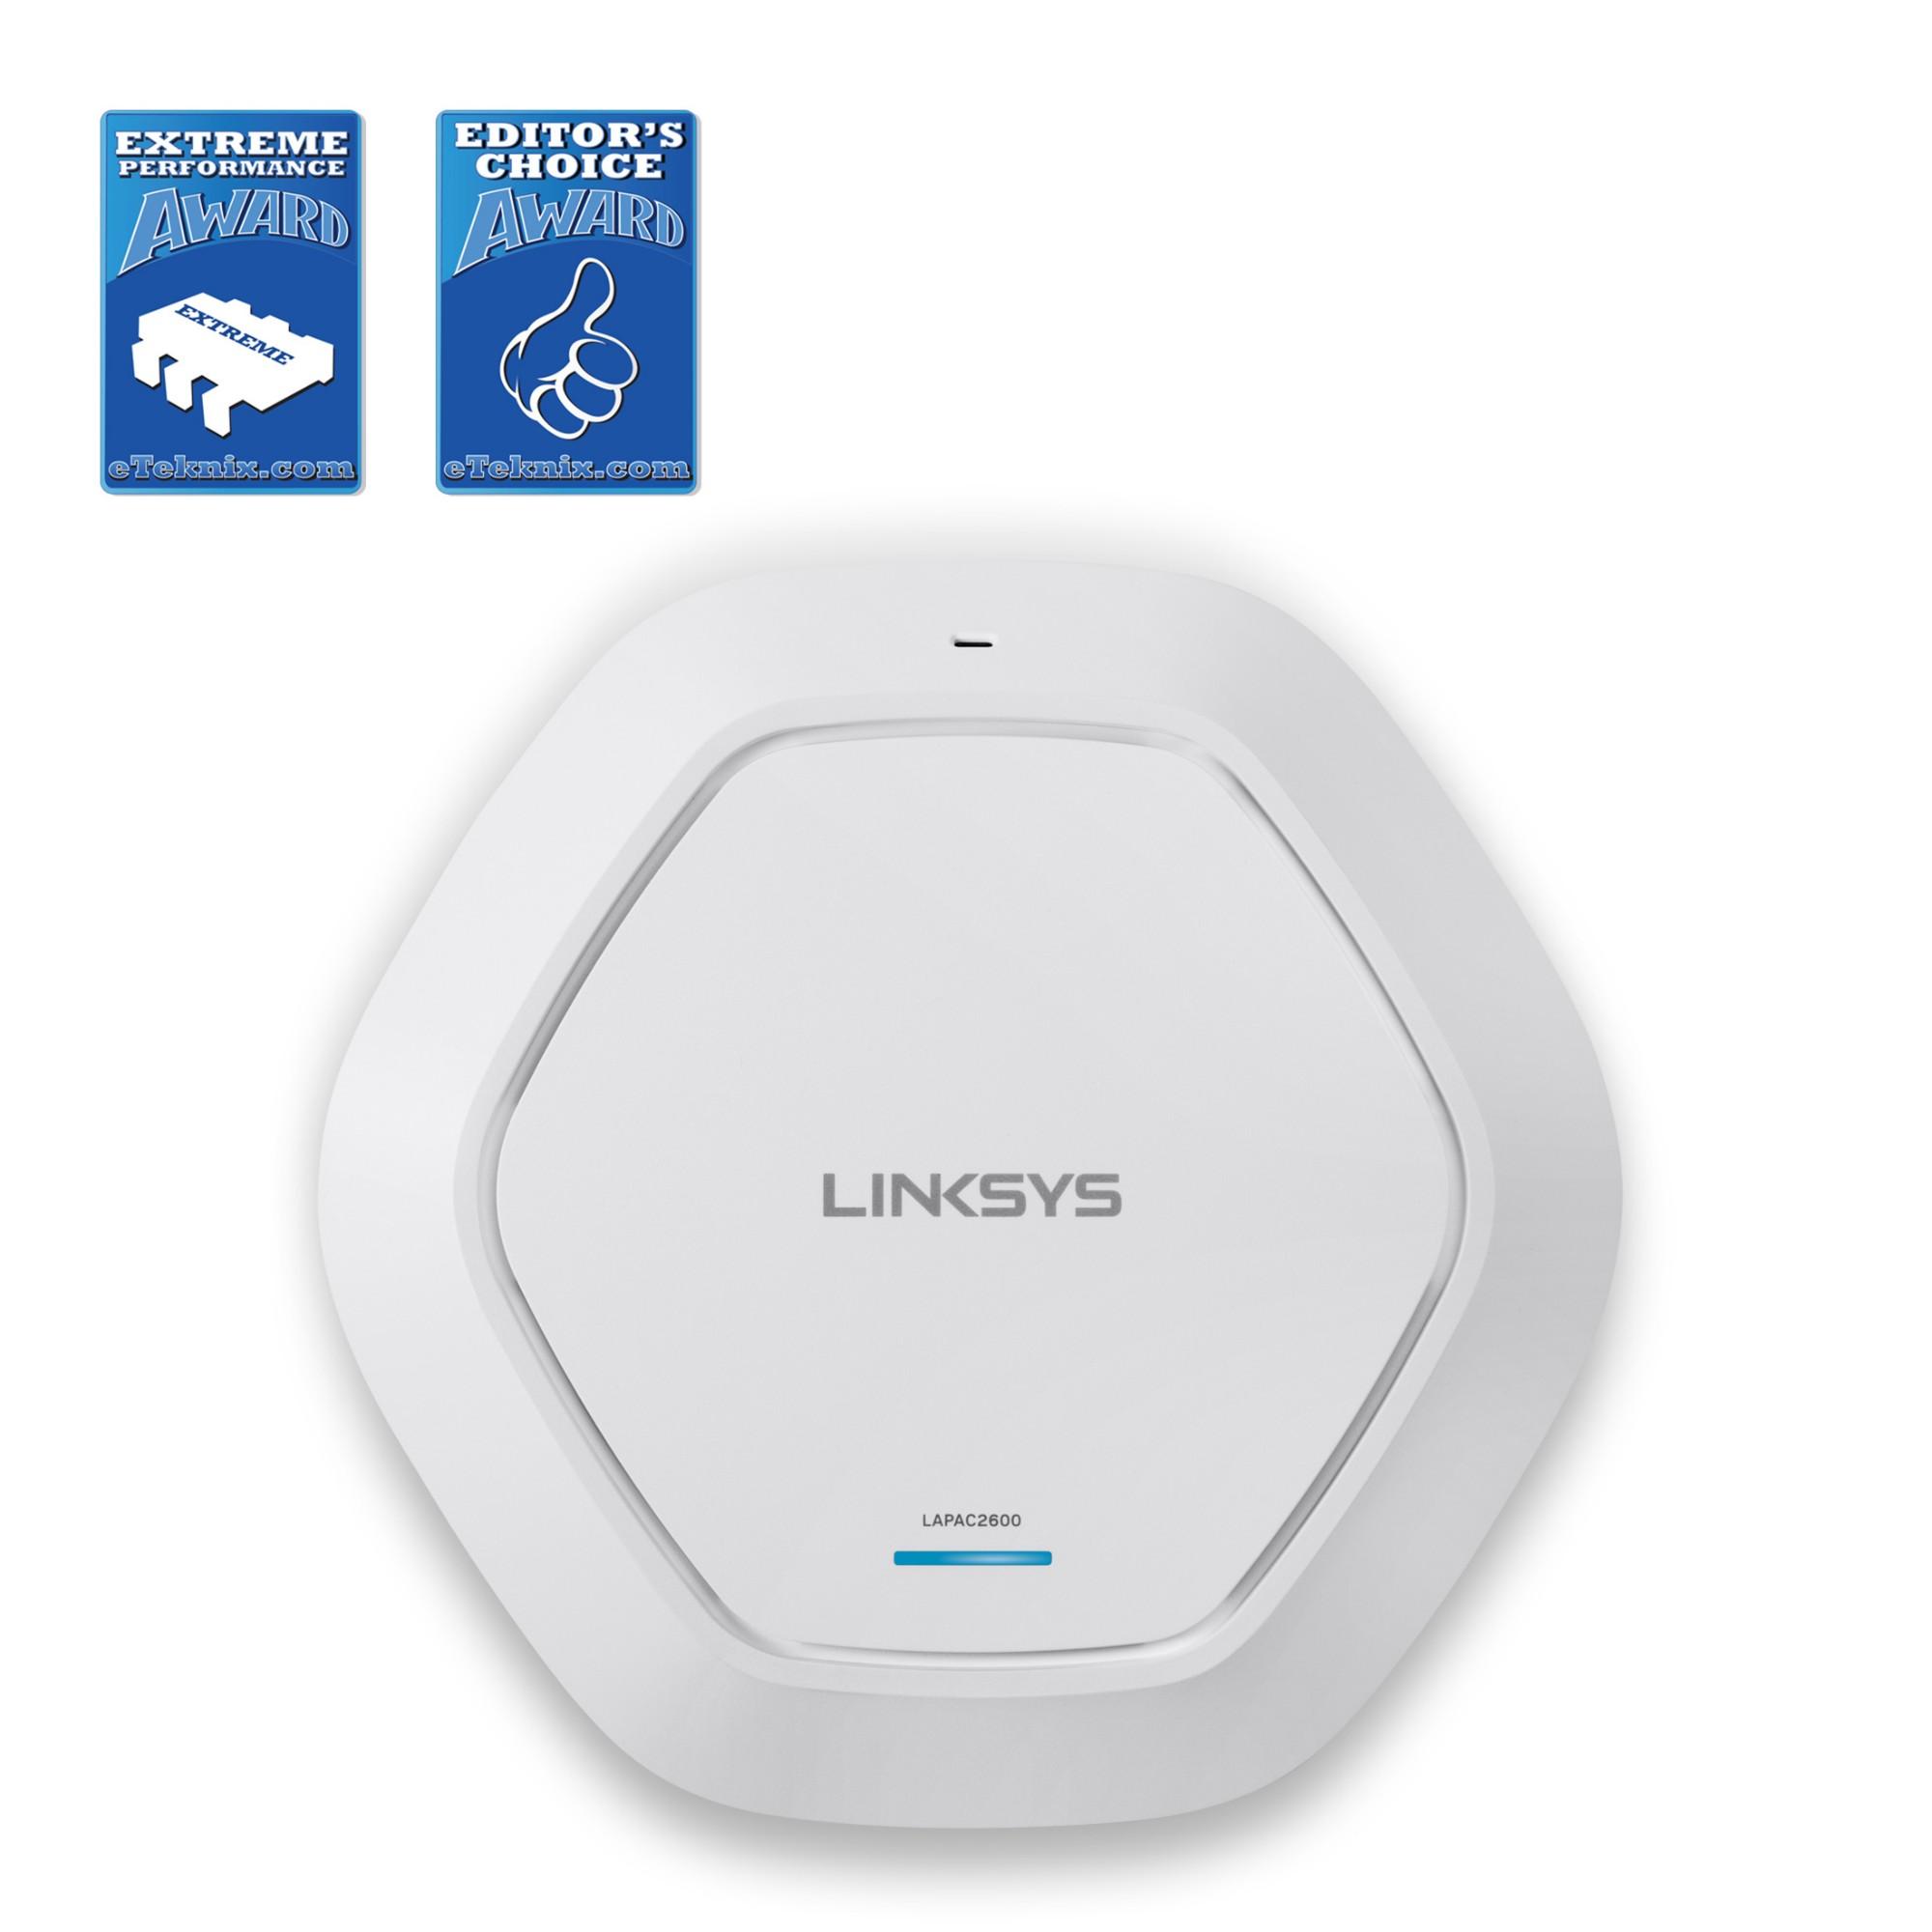 Linksys Business Wireless AC2600 Pro Dual-Band MU-MIMO Access Point  (LAPAC2600)